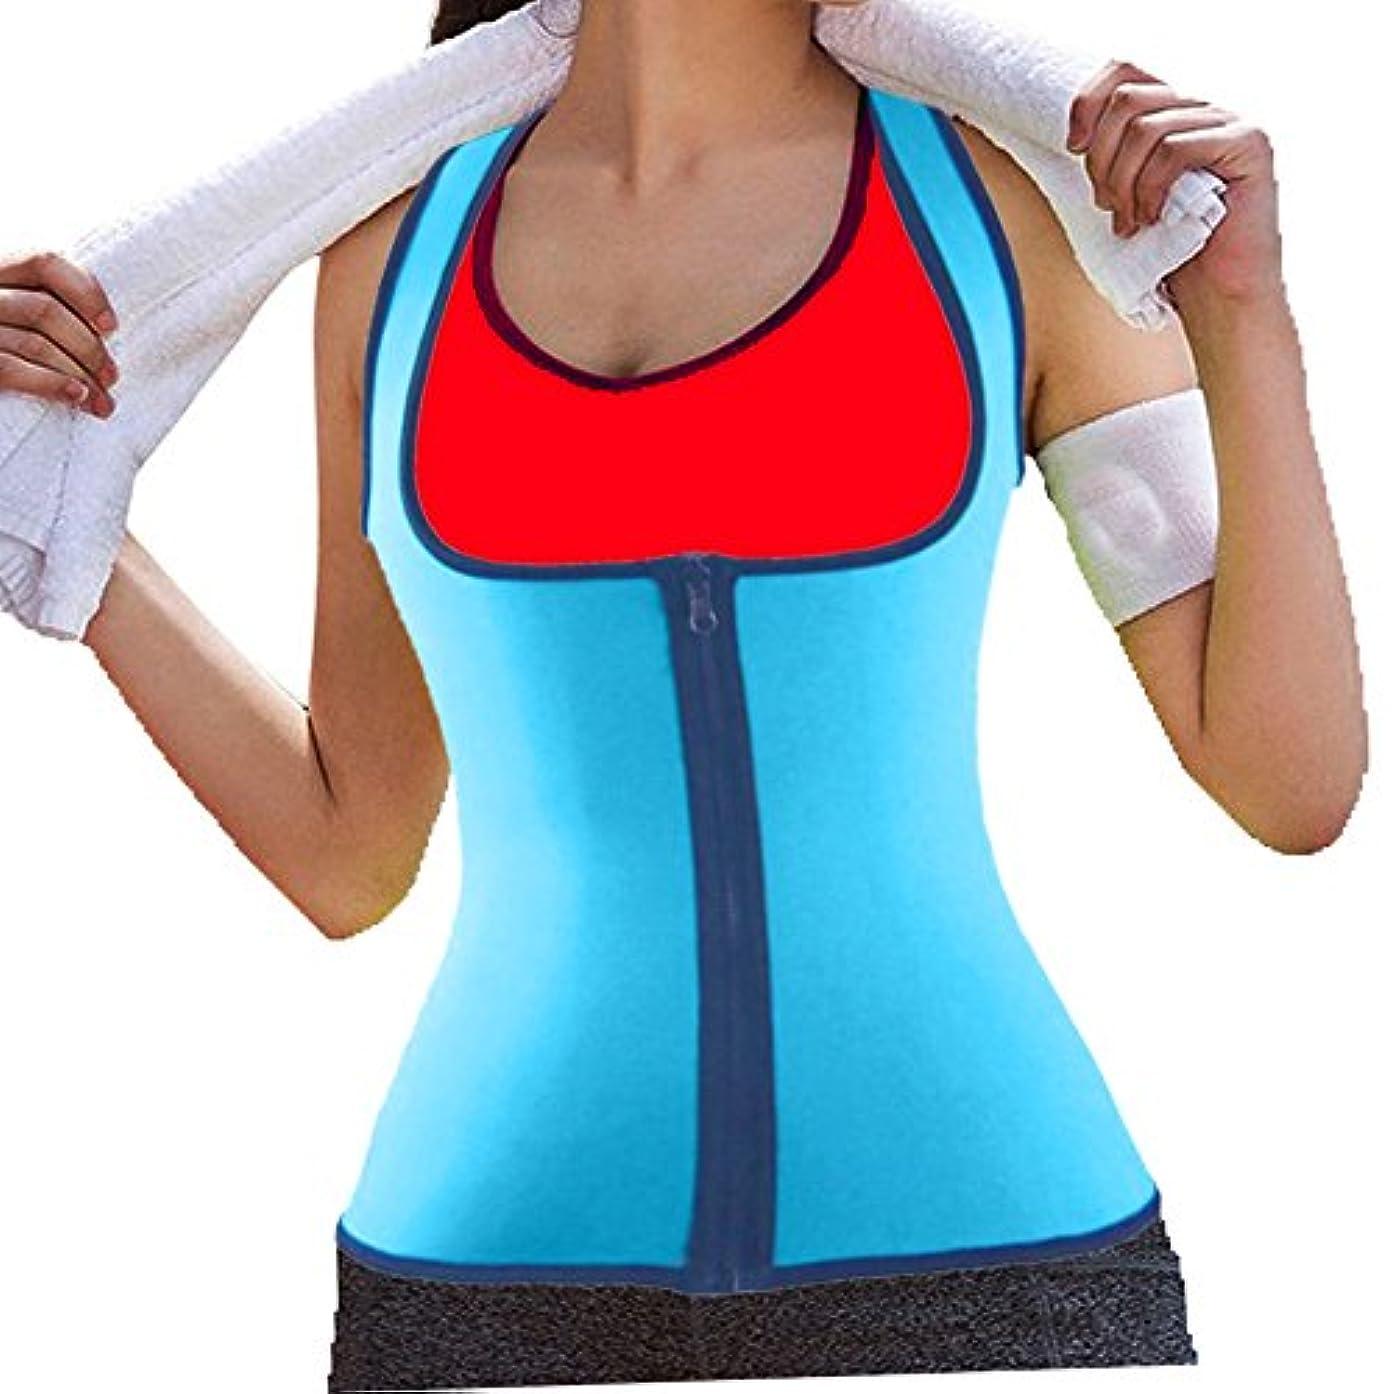 いつも地上のゴネリルDODOINGネオプレンボディシェイパースリミングウエストサイズシャツトレーナー腹部ウエスト補正下着ベストのジッパーの重量損失